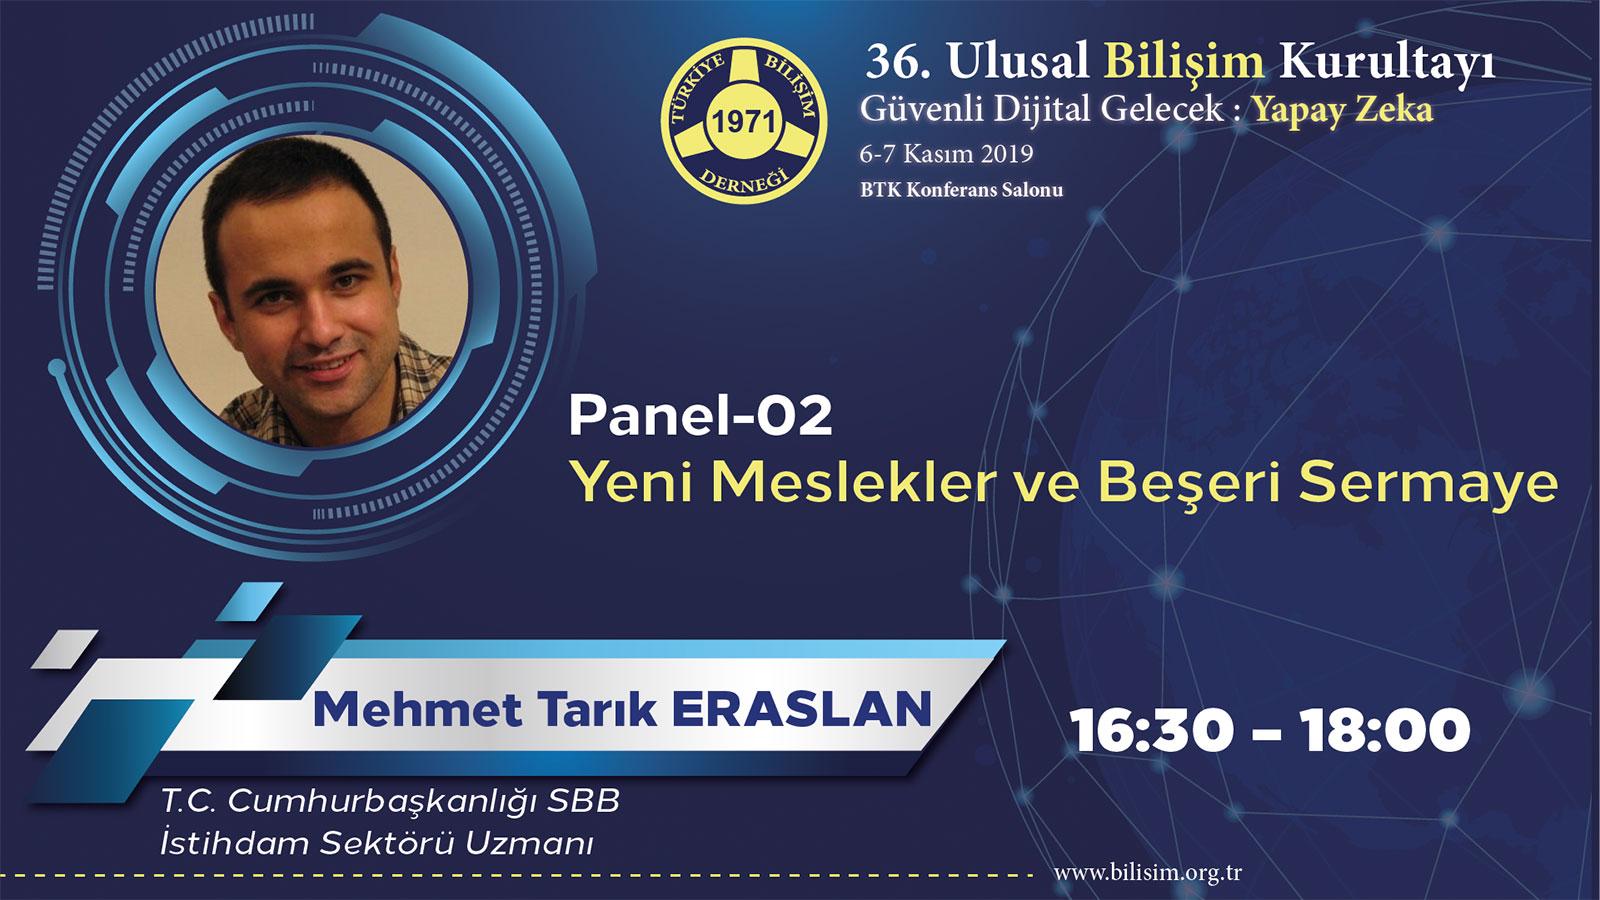 Mehmet Tarık ERARSLAN - 36. Ulusal Bilişim Kurultayı